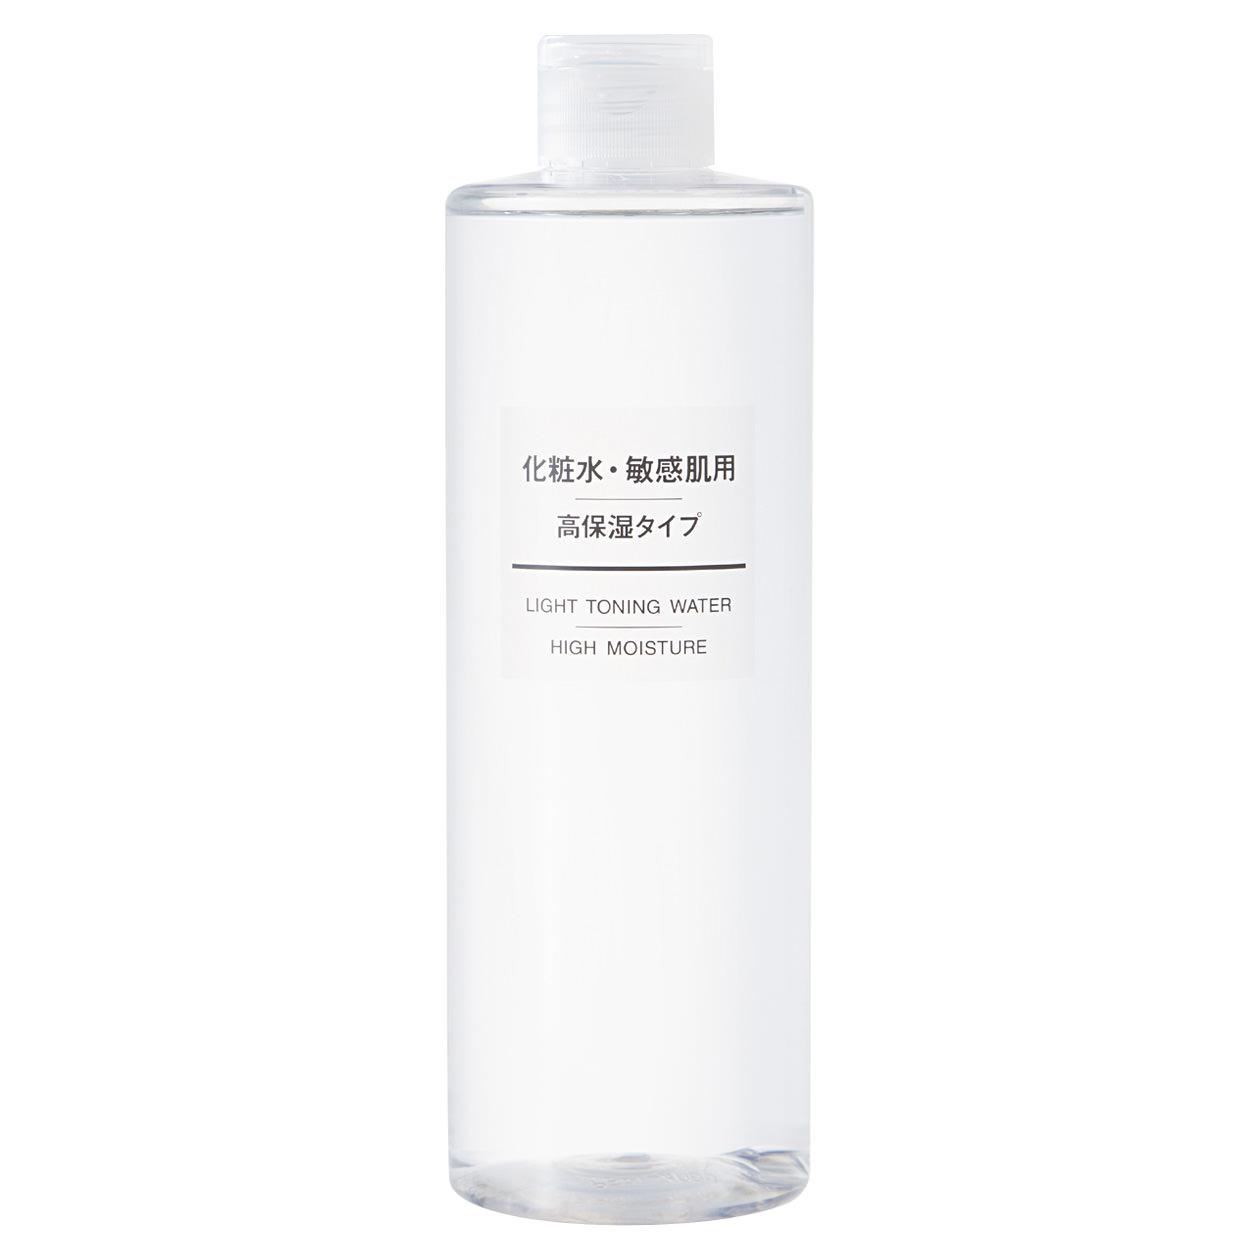 化粧水・敏感肌用・高保湿タイプ(大容量)400ml